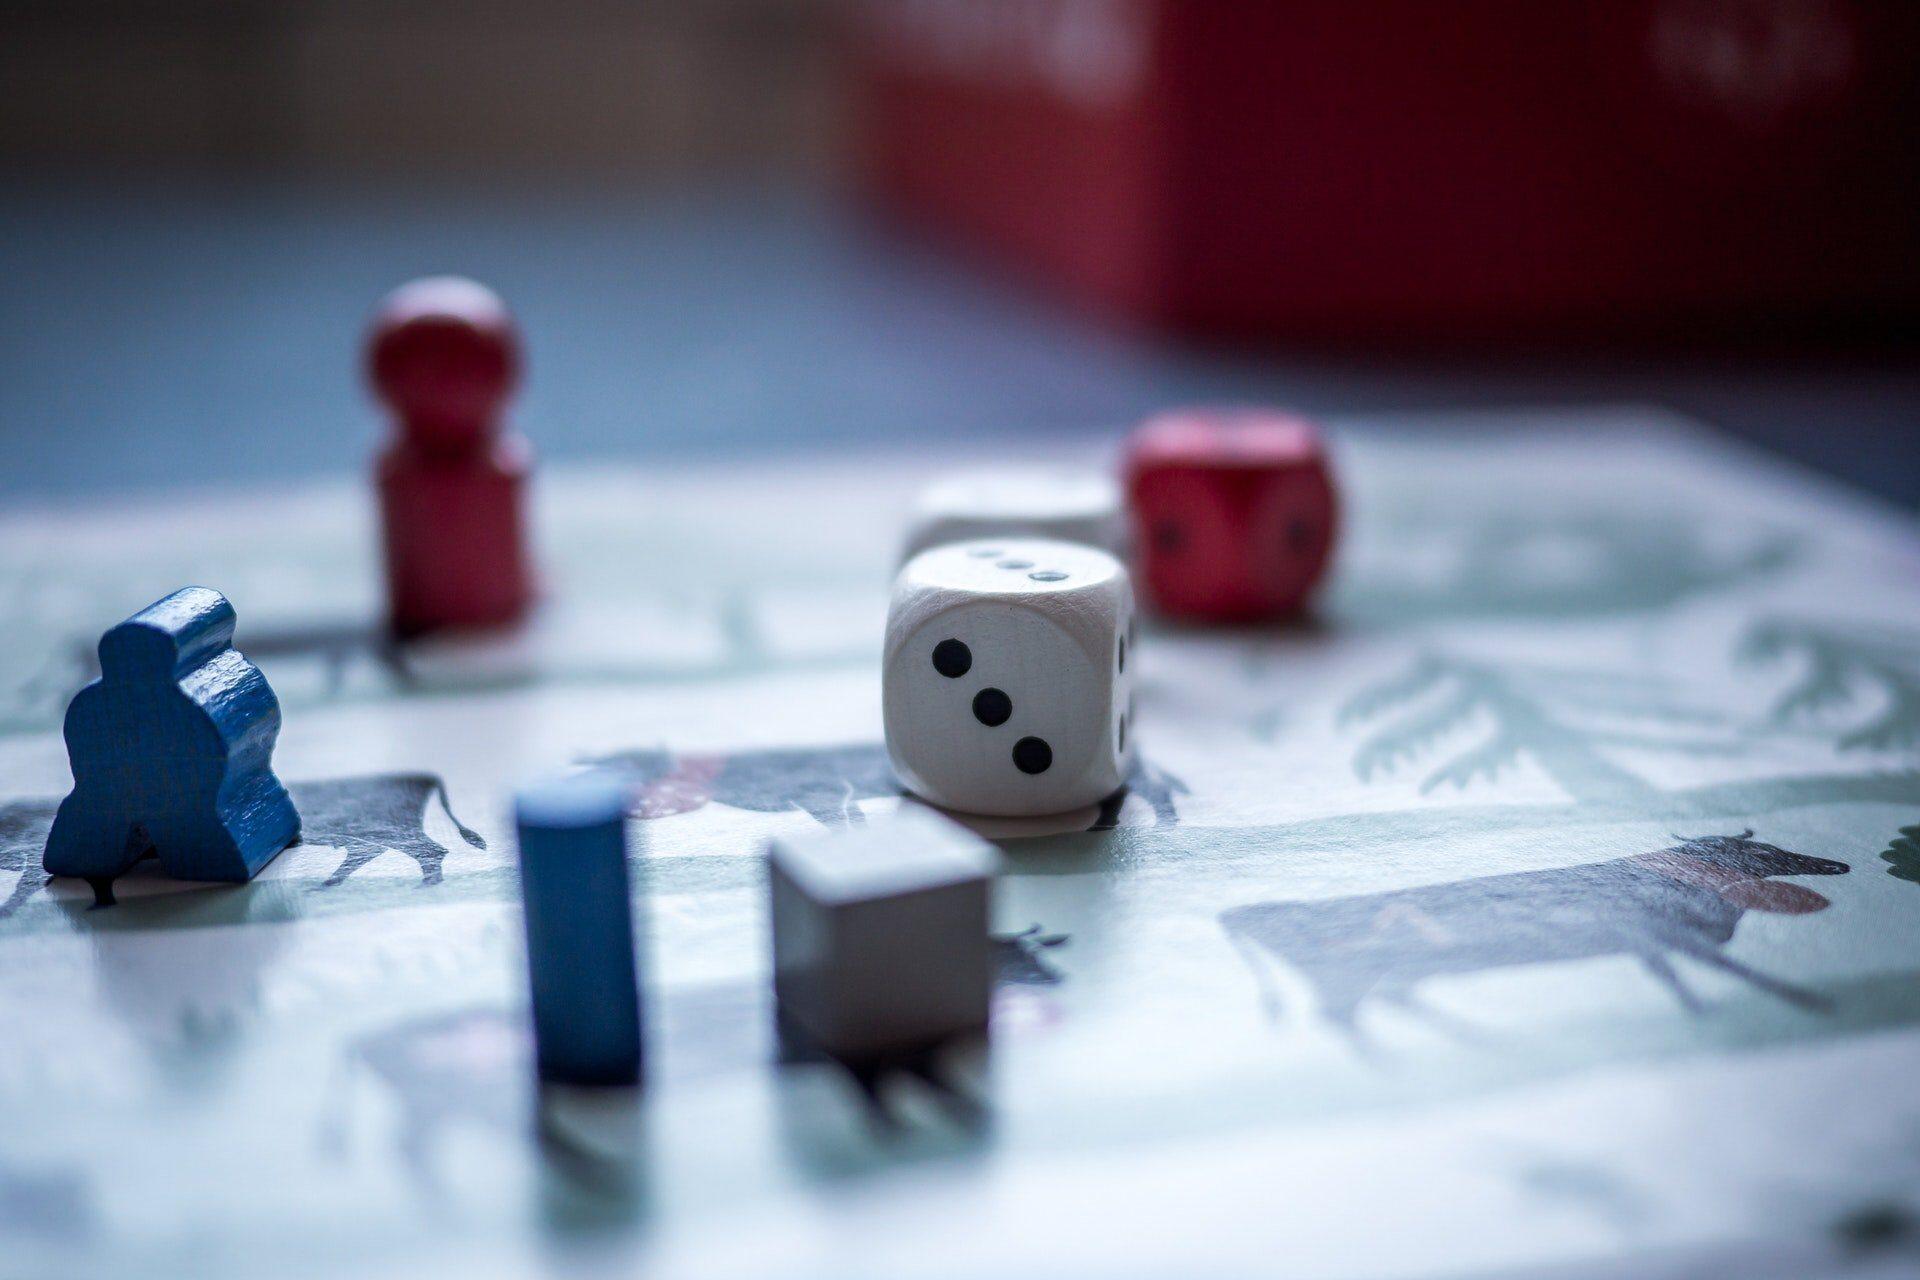 blur-board-game-business-challenge-278918.jpg